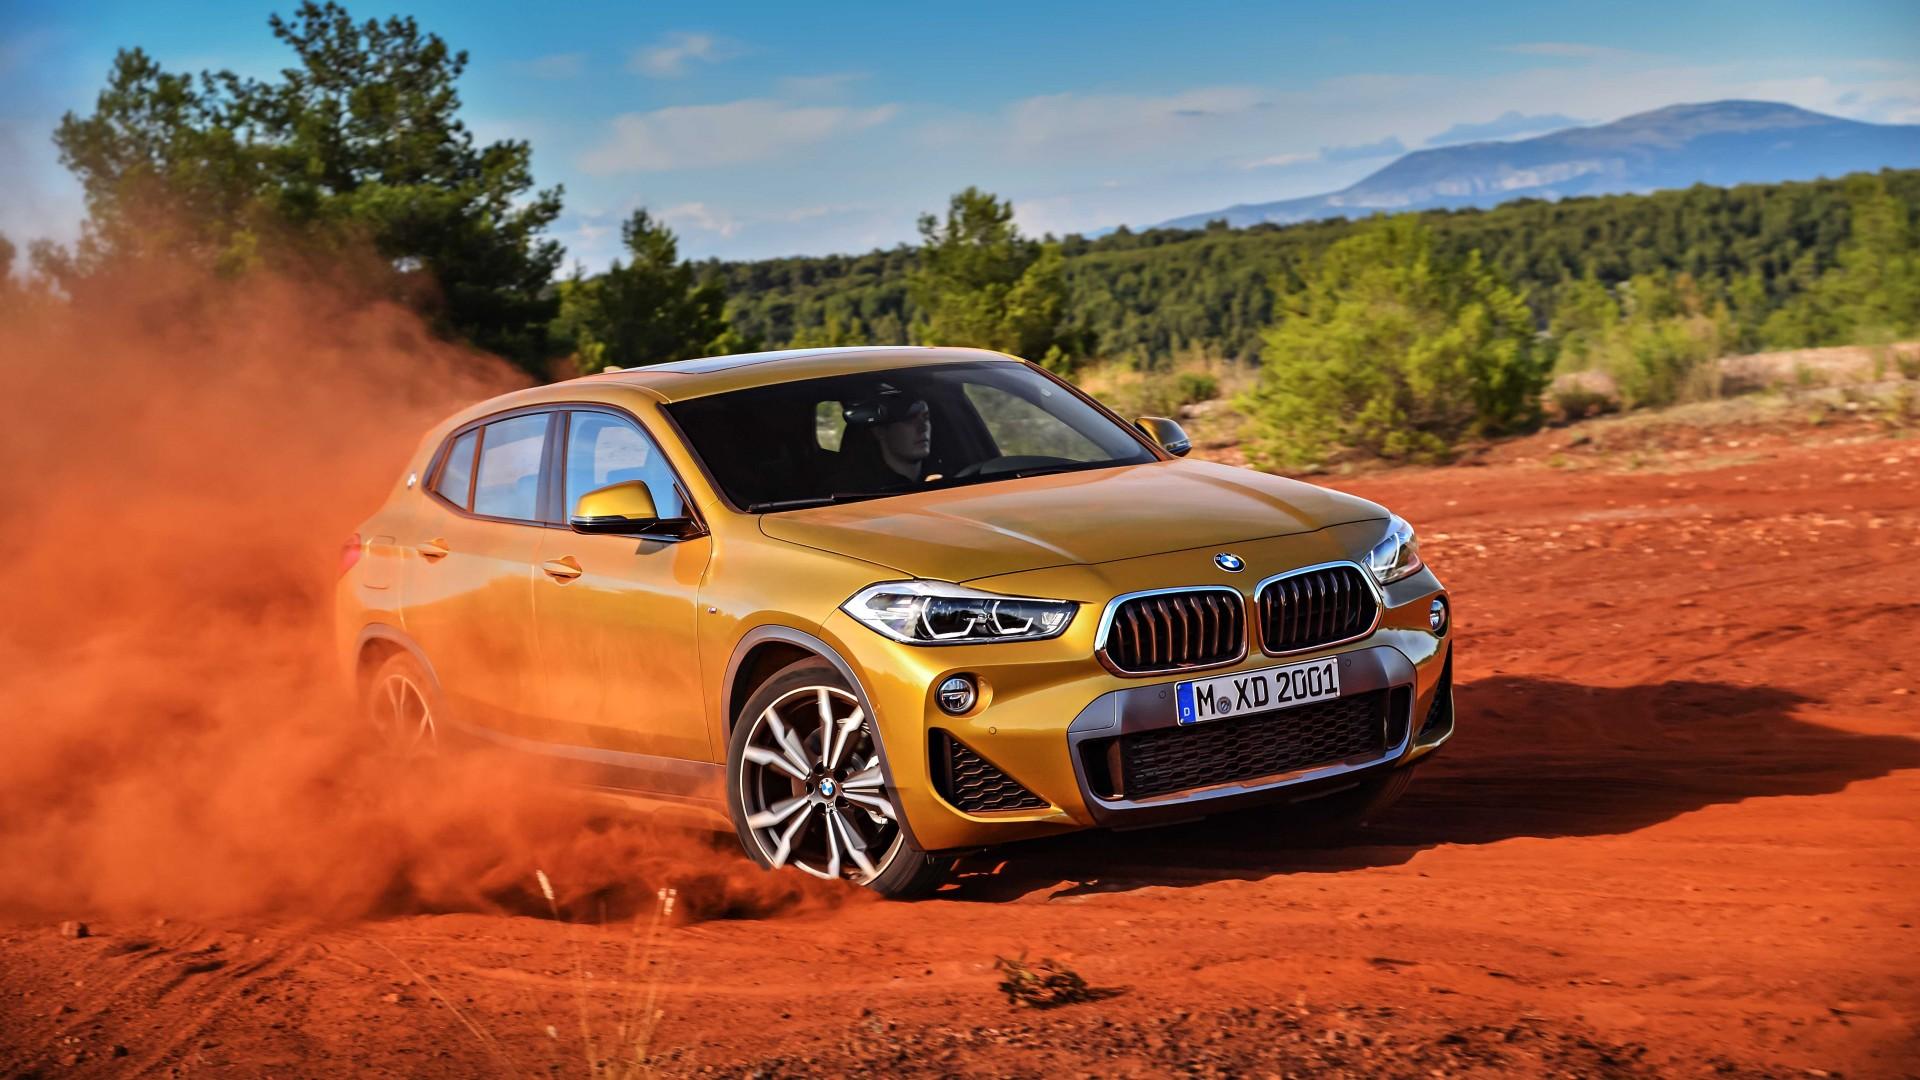 Wallpaper BMW X2 M35i, 2019 Cars, SUV, 5K, Cars & Bikes #20306